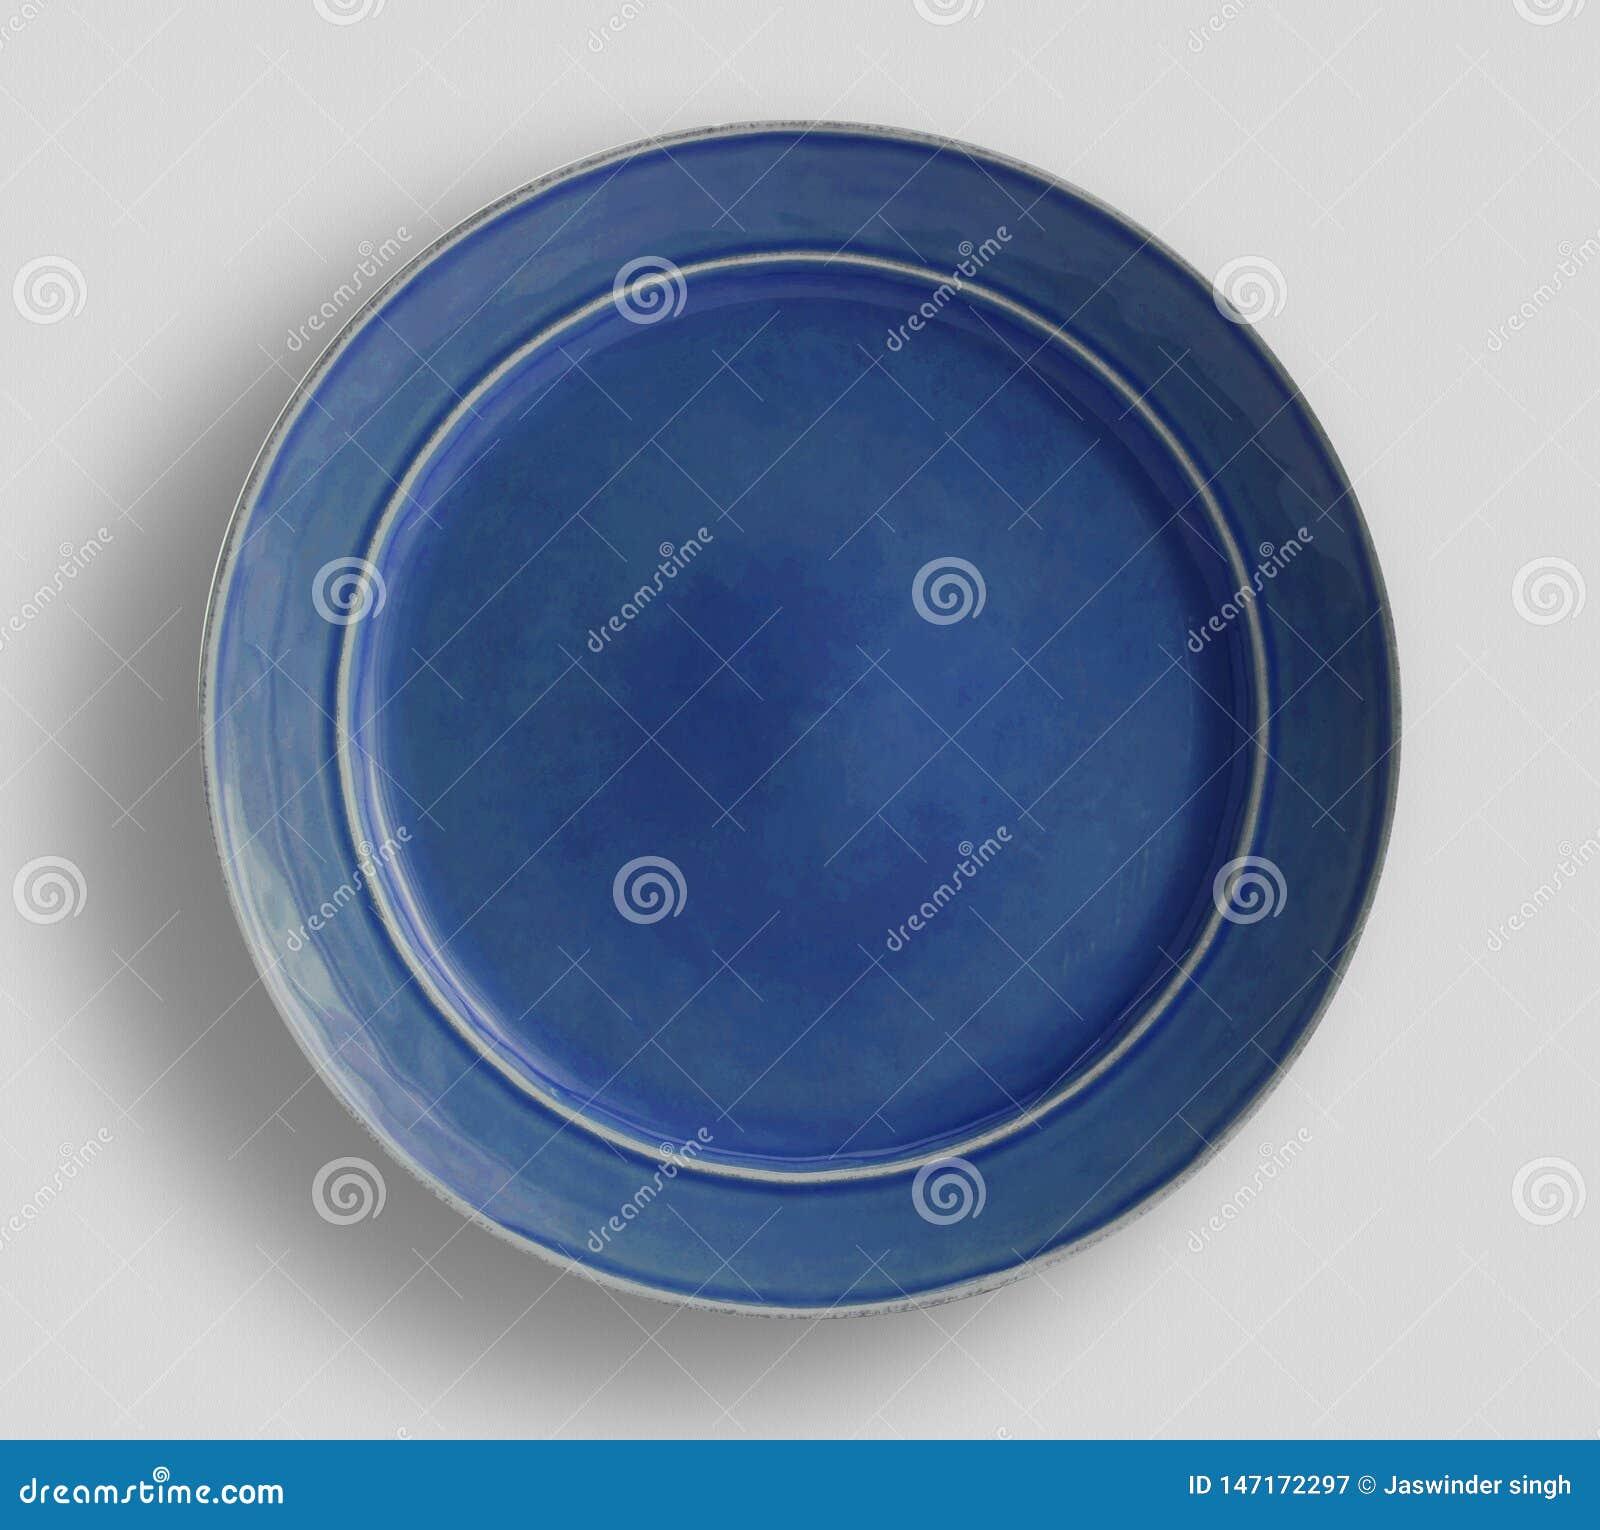 Μπλε ναυτικό πιάτο γευμάτων χρώματος - εικόνα, μπλε λαμπρό κουμπί, σχέδιο - Χρώμα VectorDecorative στο άσπρο υπόβαθρο, τοπ άποψη